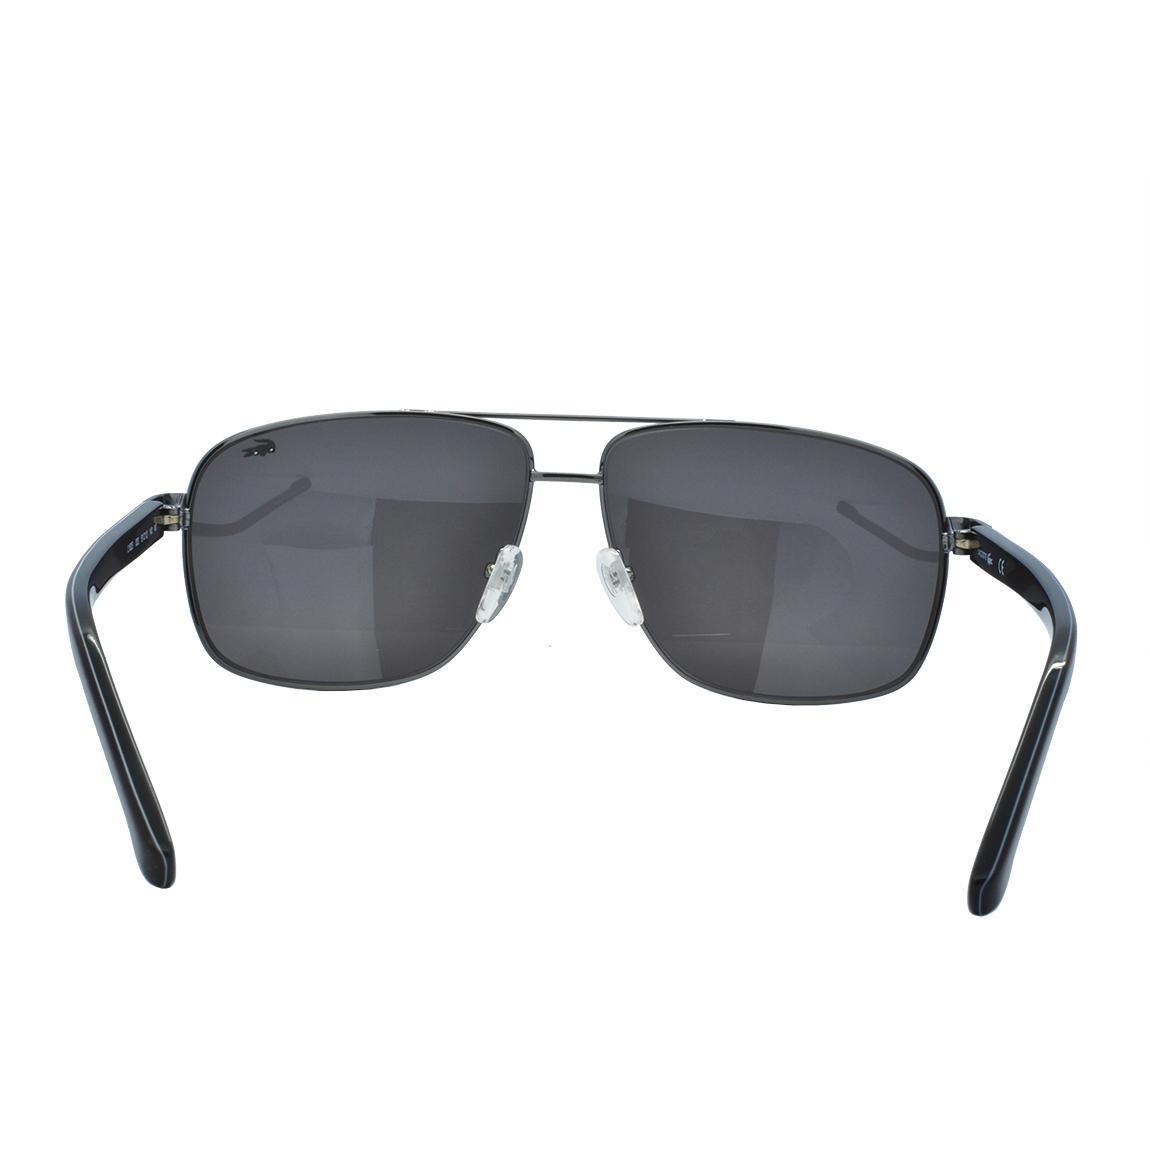 77fc5f9e89ae2 Óculos de Sol Lacoste Masculino L162S 033 - Metal Preto - Óculos de ...